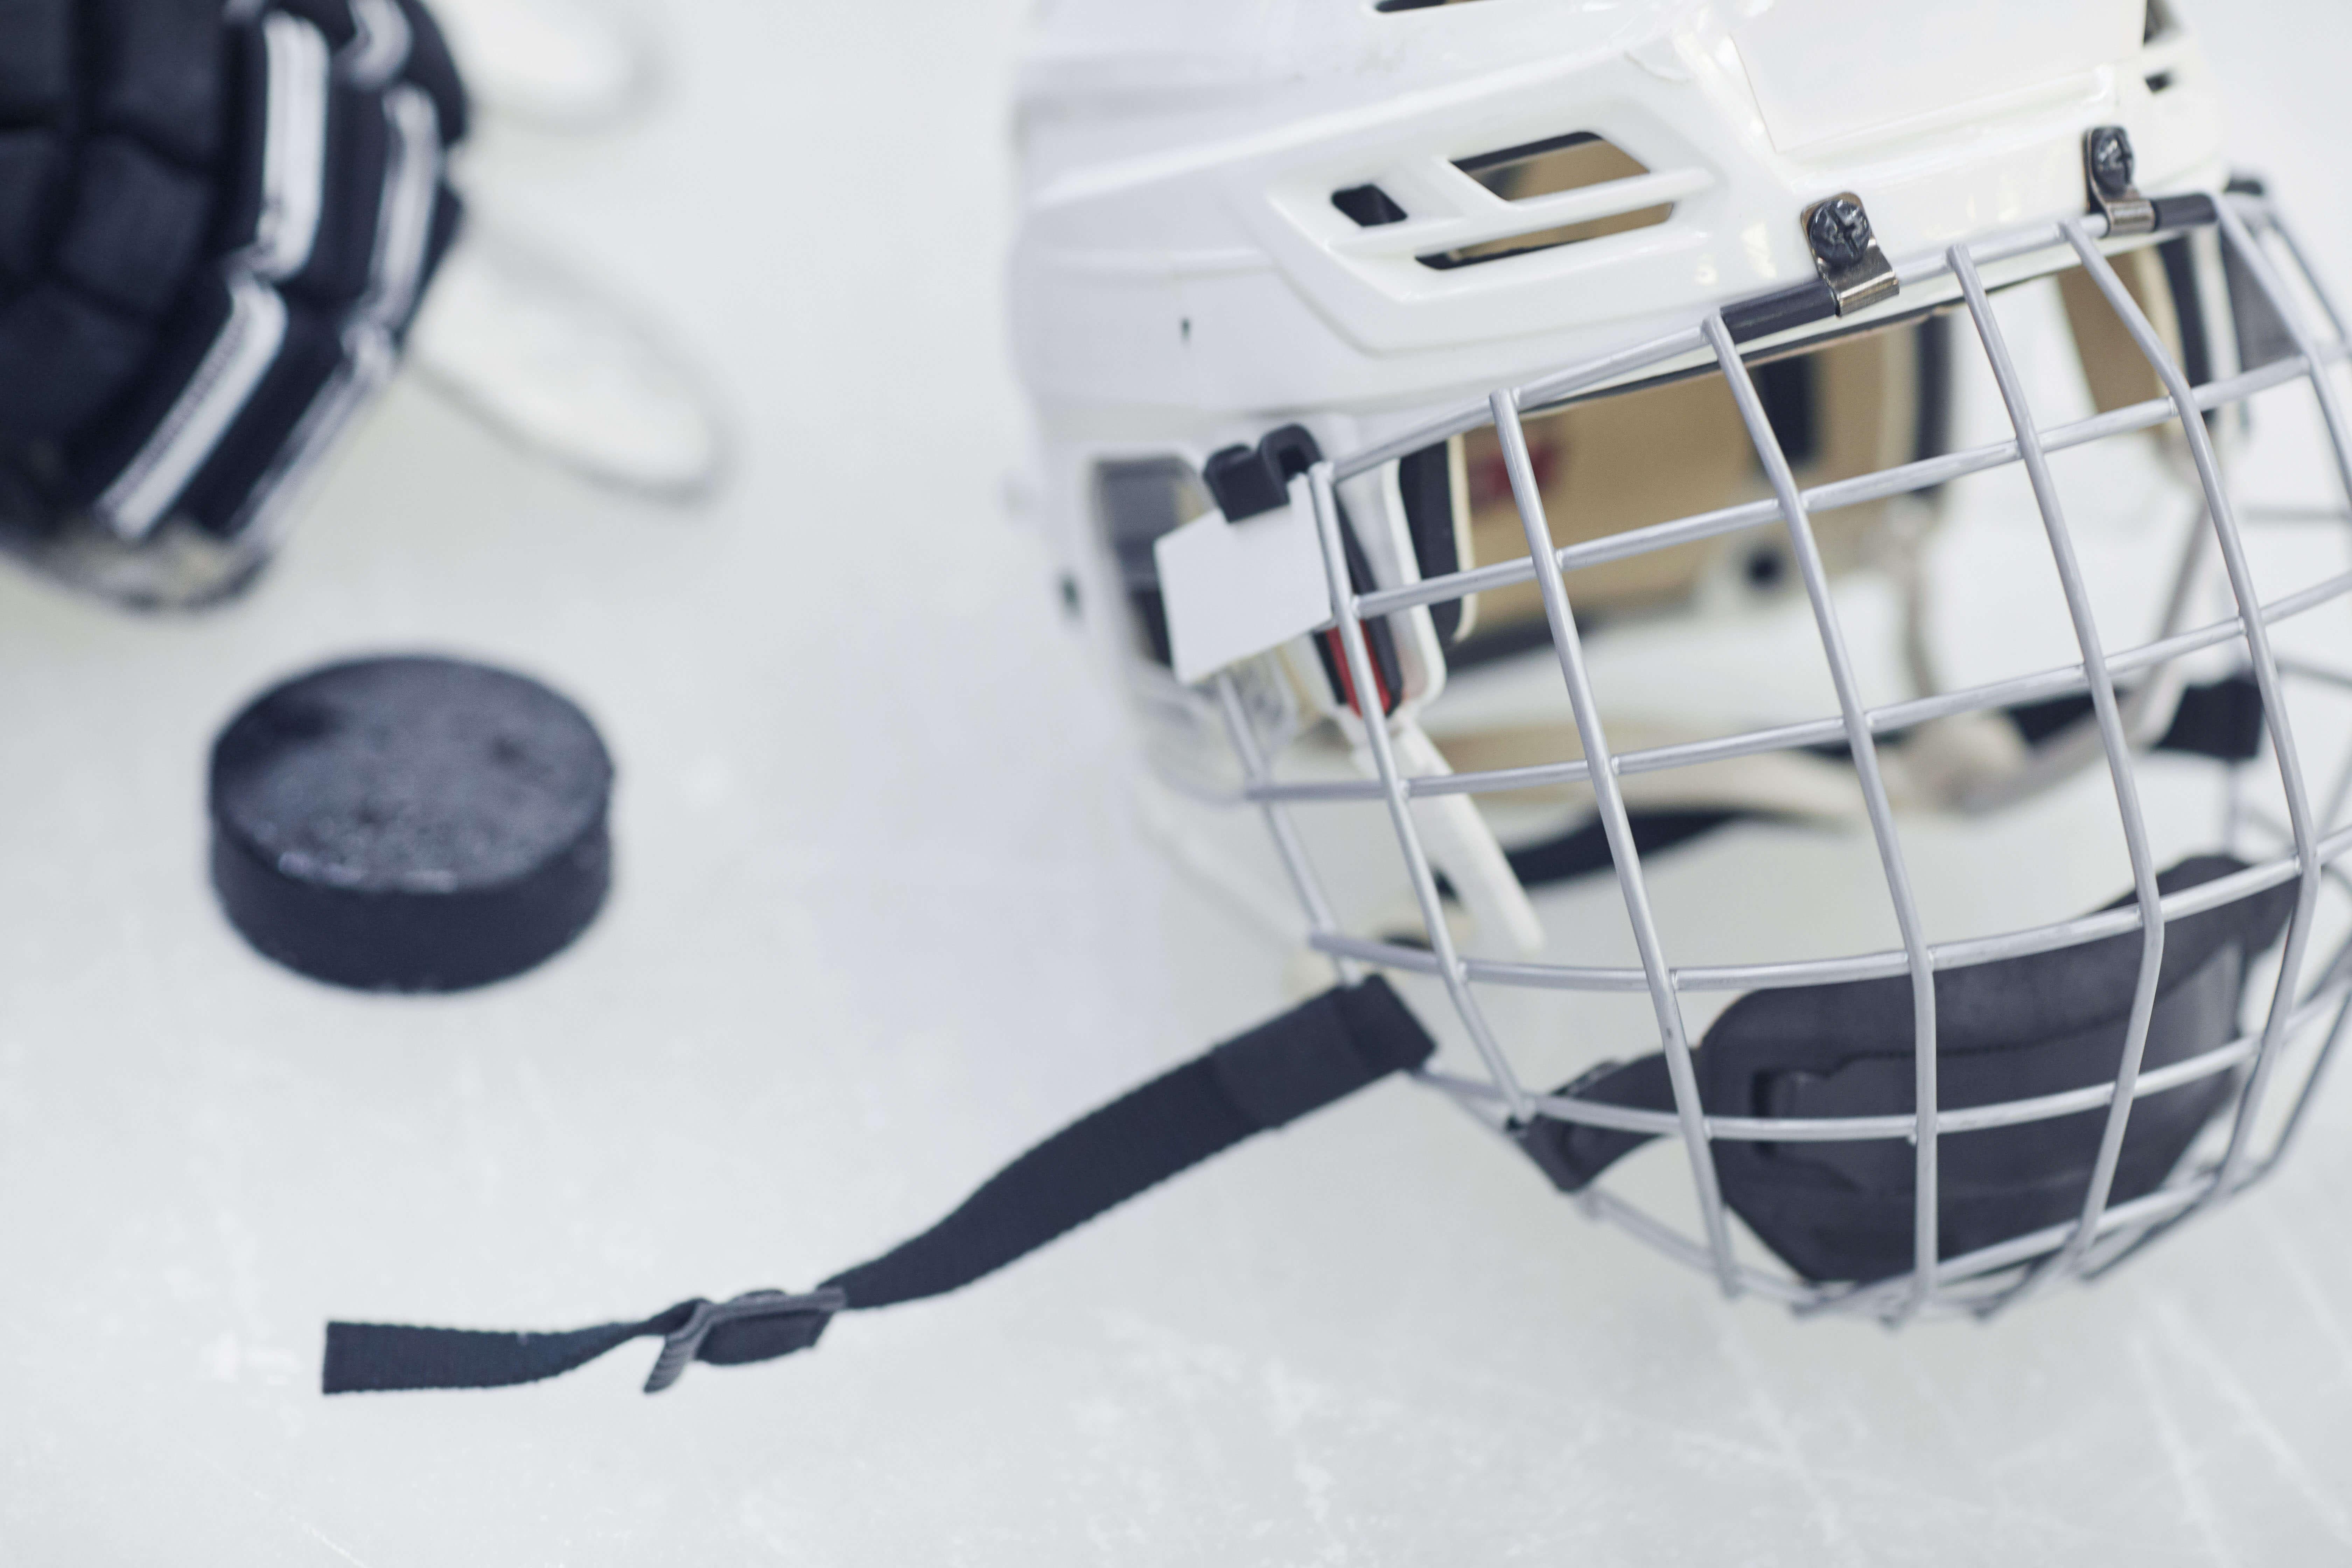 Ставки на хокей